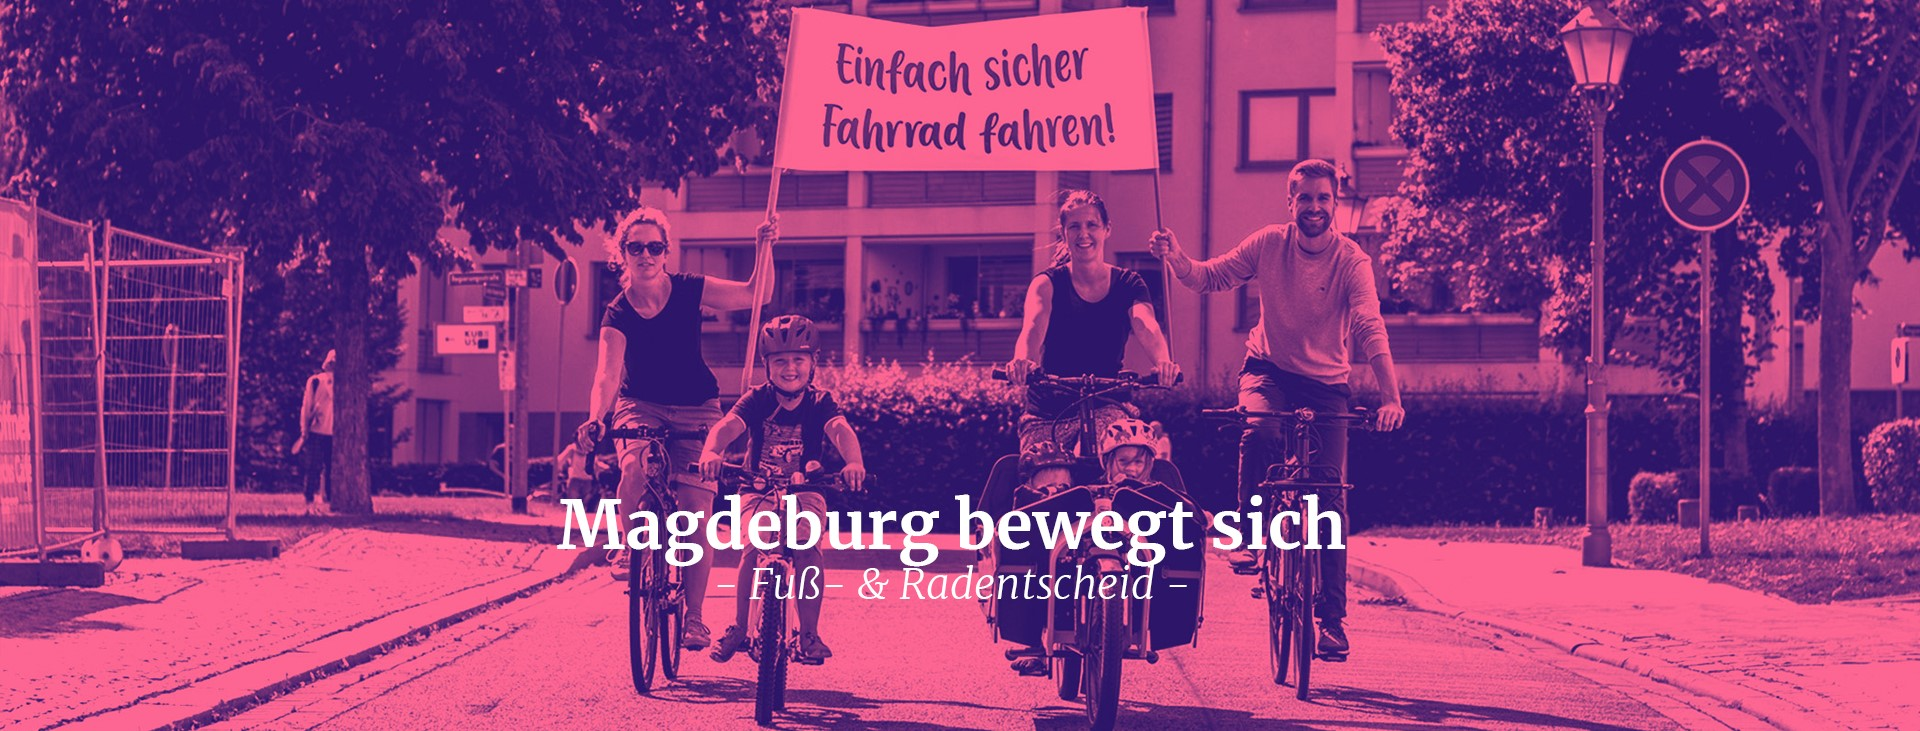 Radentscheid Magdeburg